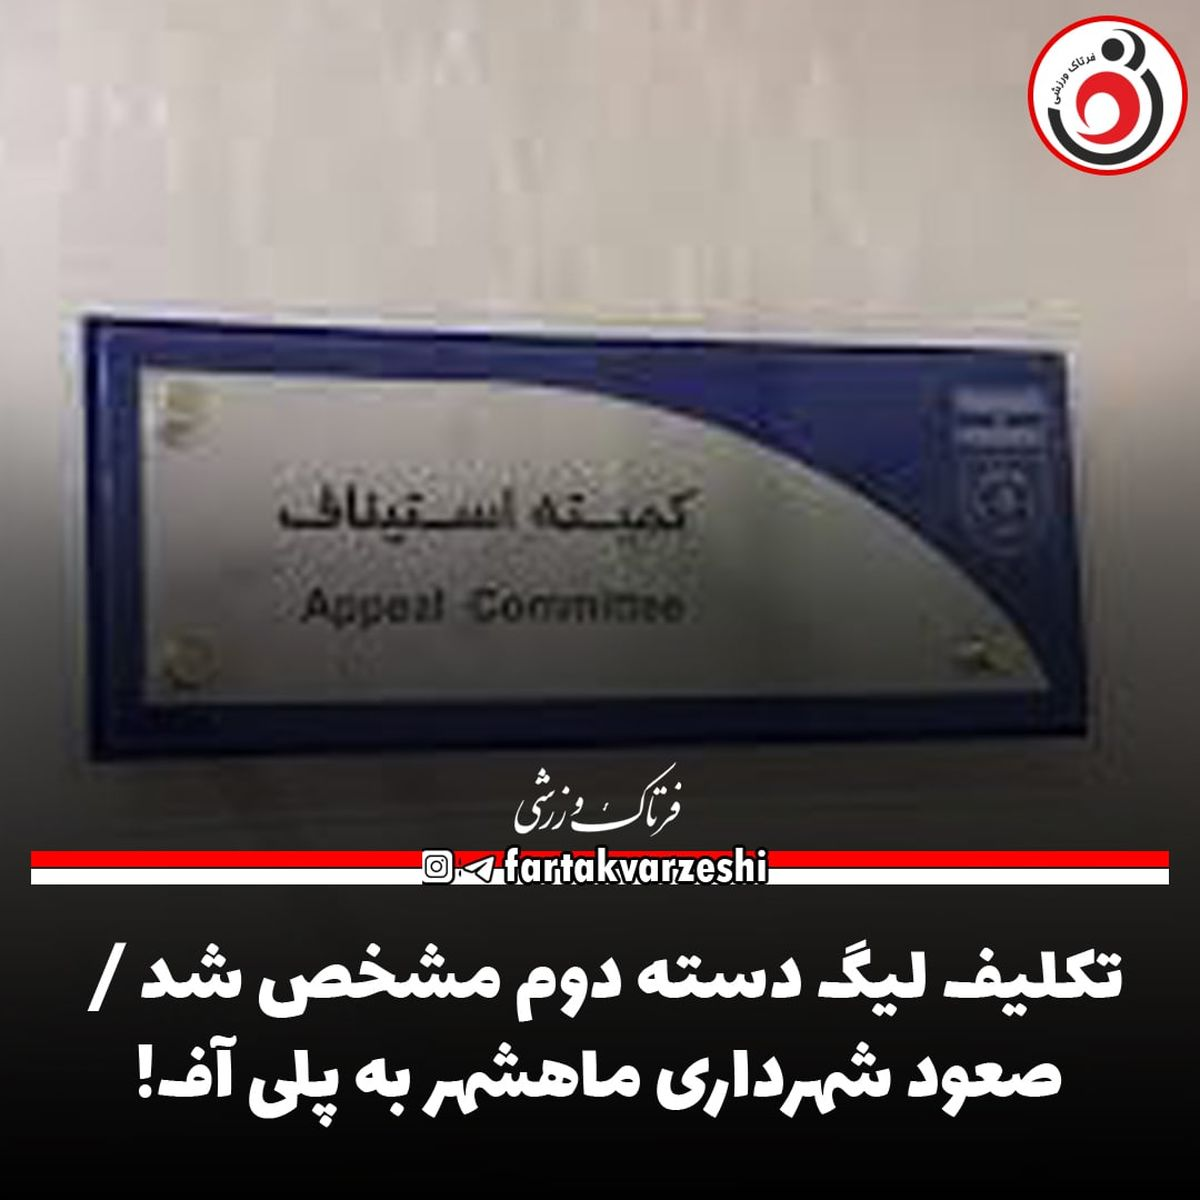 تکلیف لیگ دسته دوم مشخص شد / صعود شهرداری ماهشهر به پلی آف!